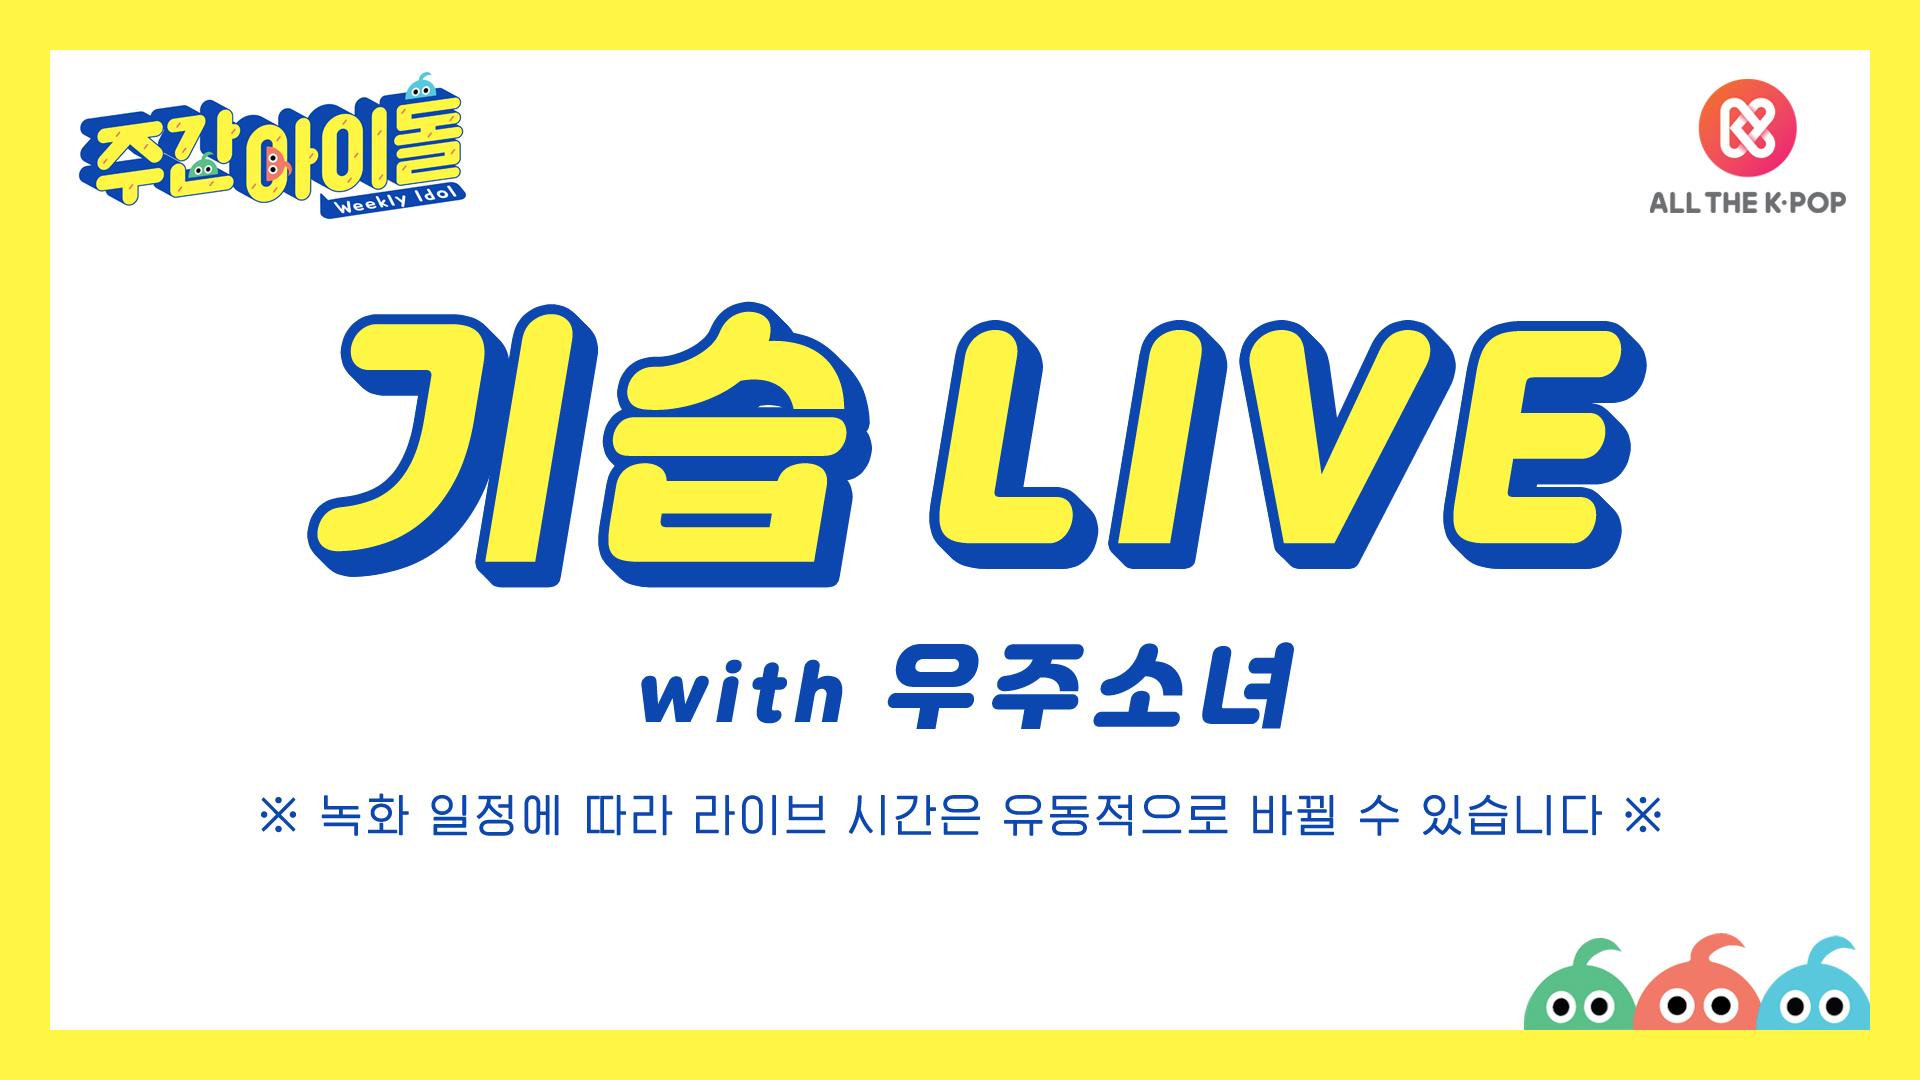 [주간아이돌] 기습 LIVE with 우주소녀